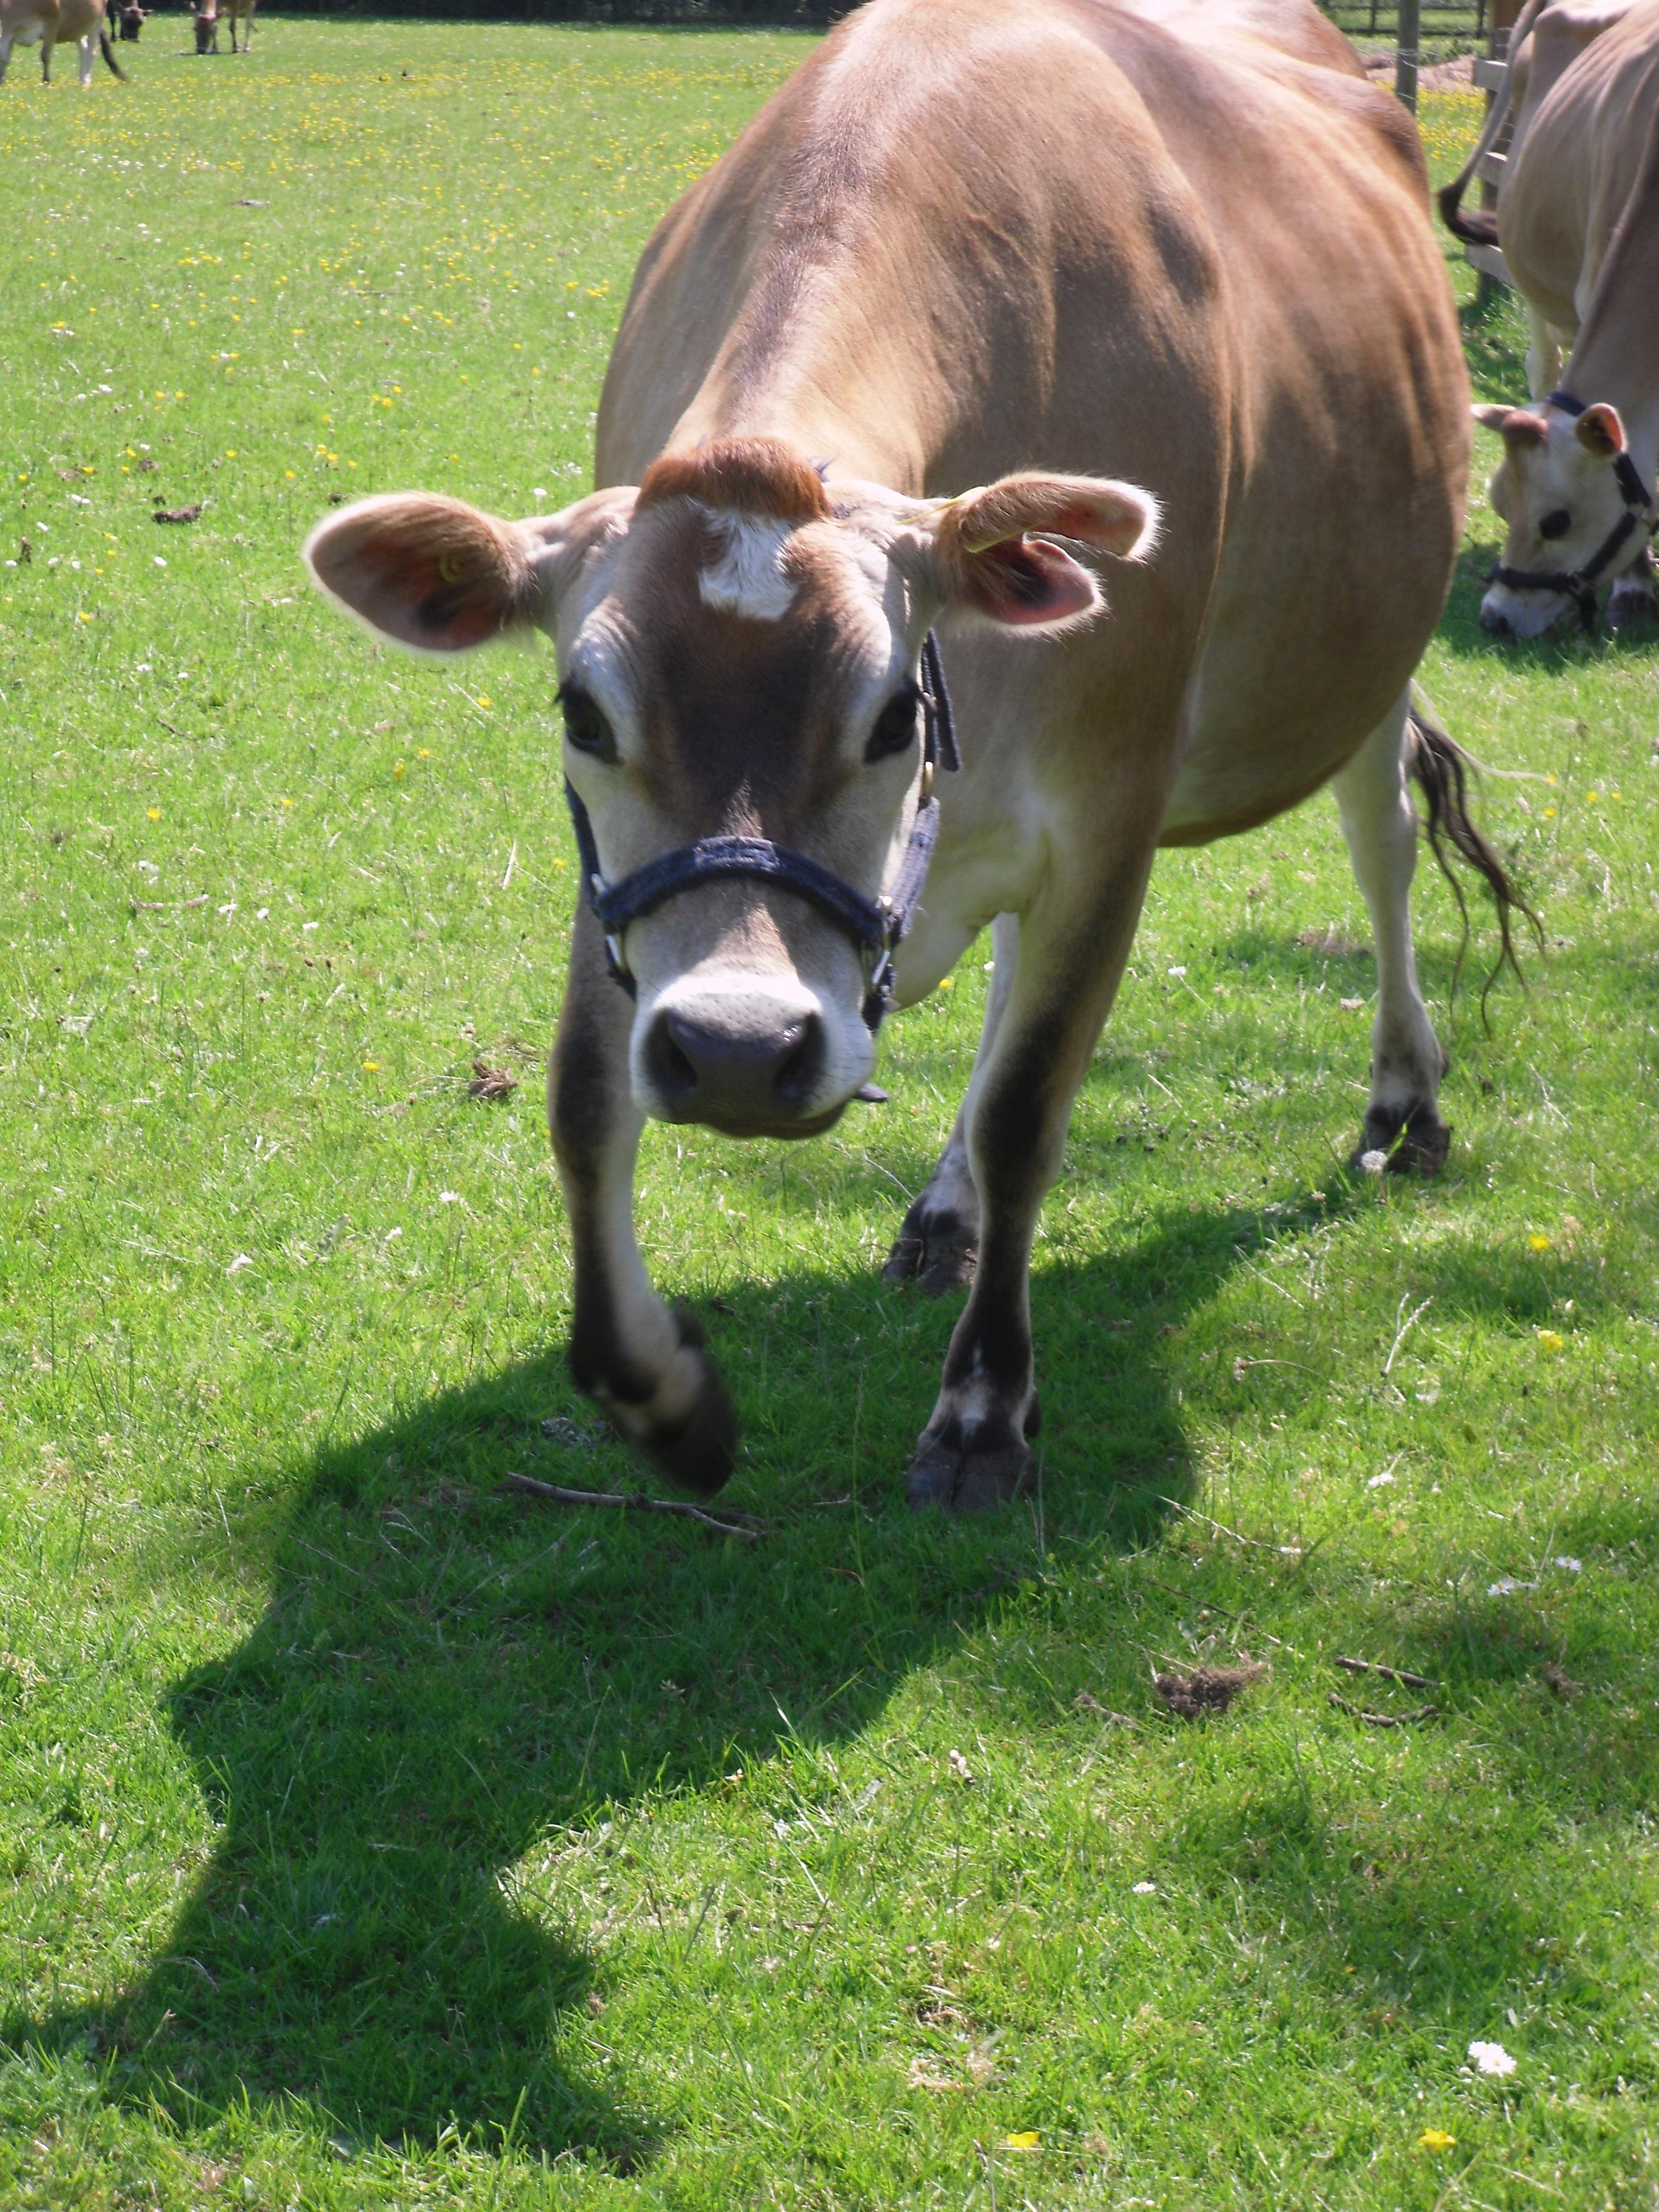 Cow, Grass, Farm, Cattle, Animal, HQ Photo